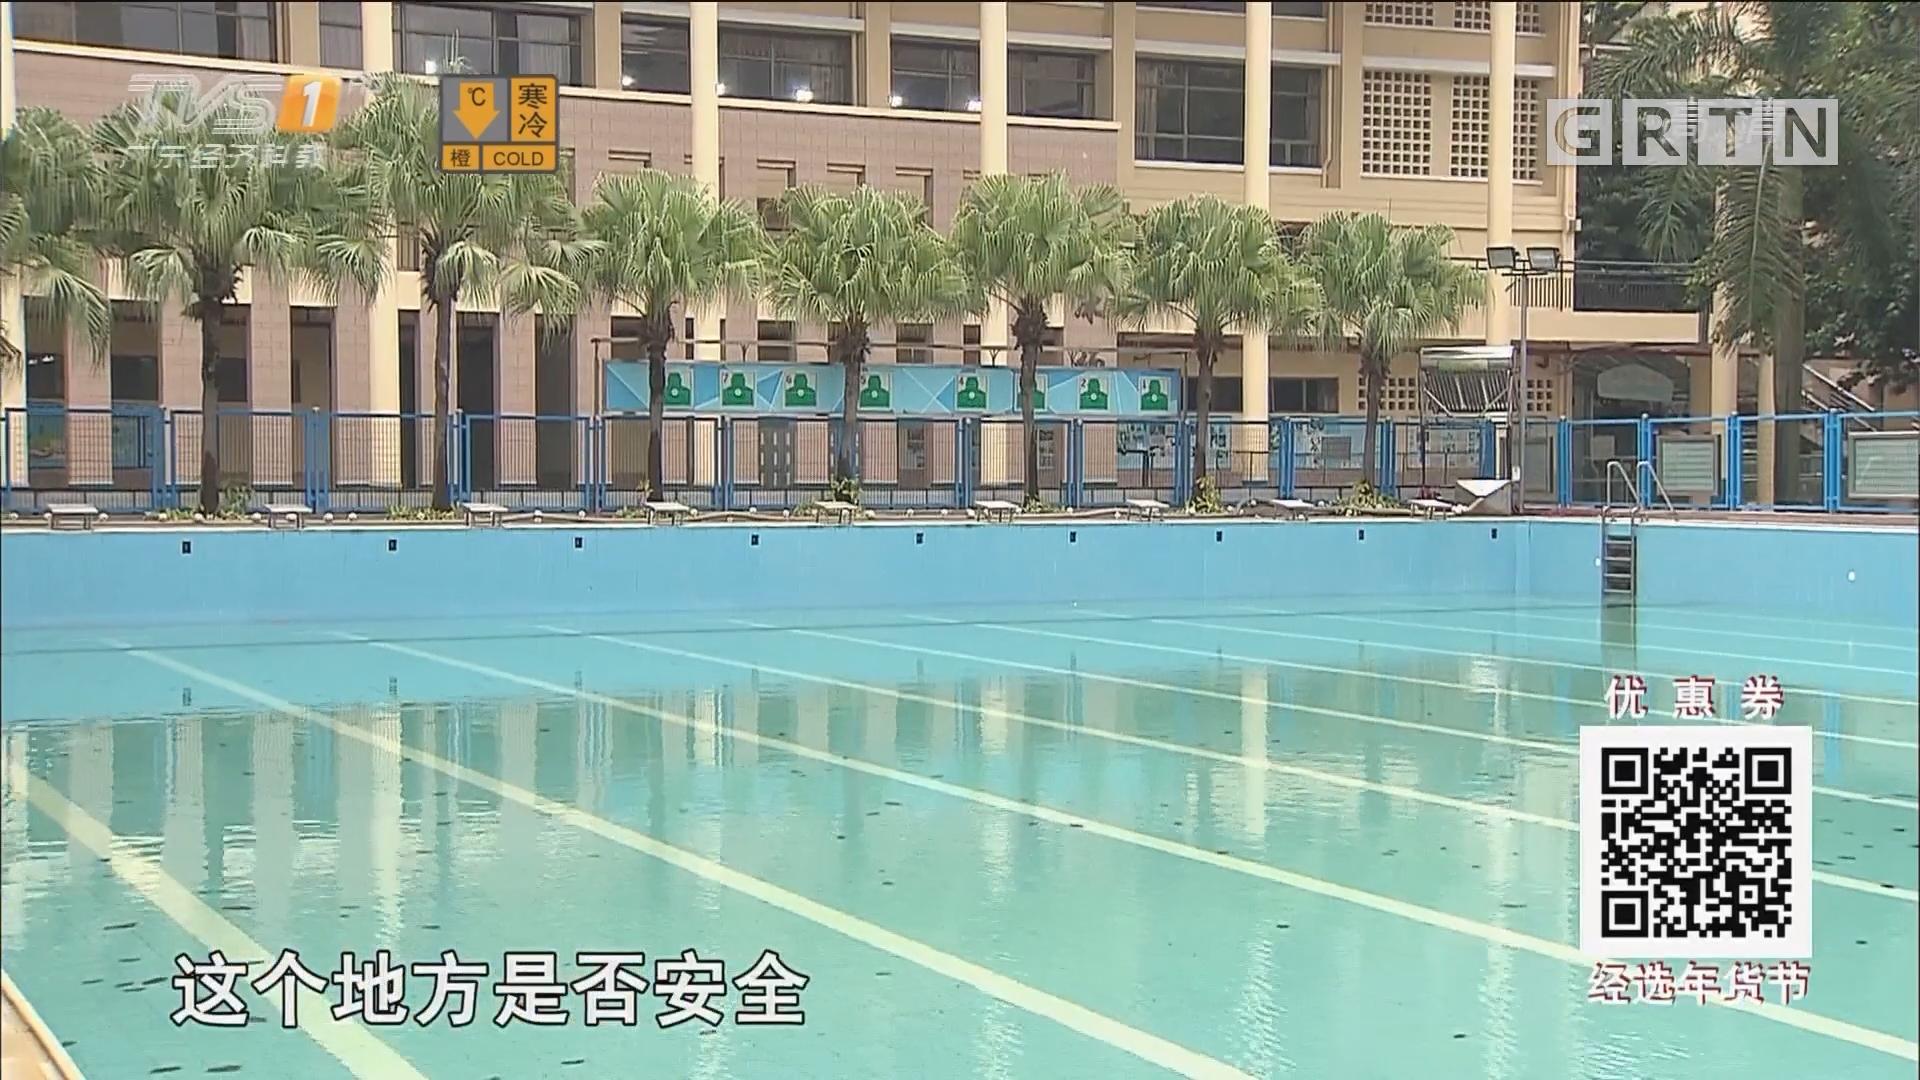 冬季出行注意:溺水是中小学生伤亡第一杀手